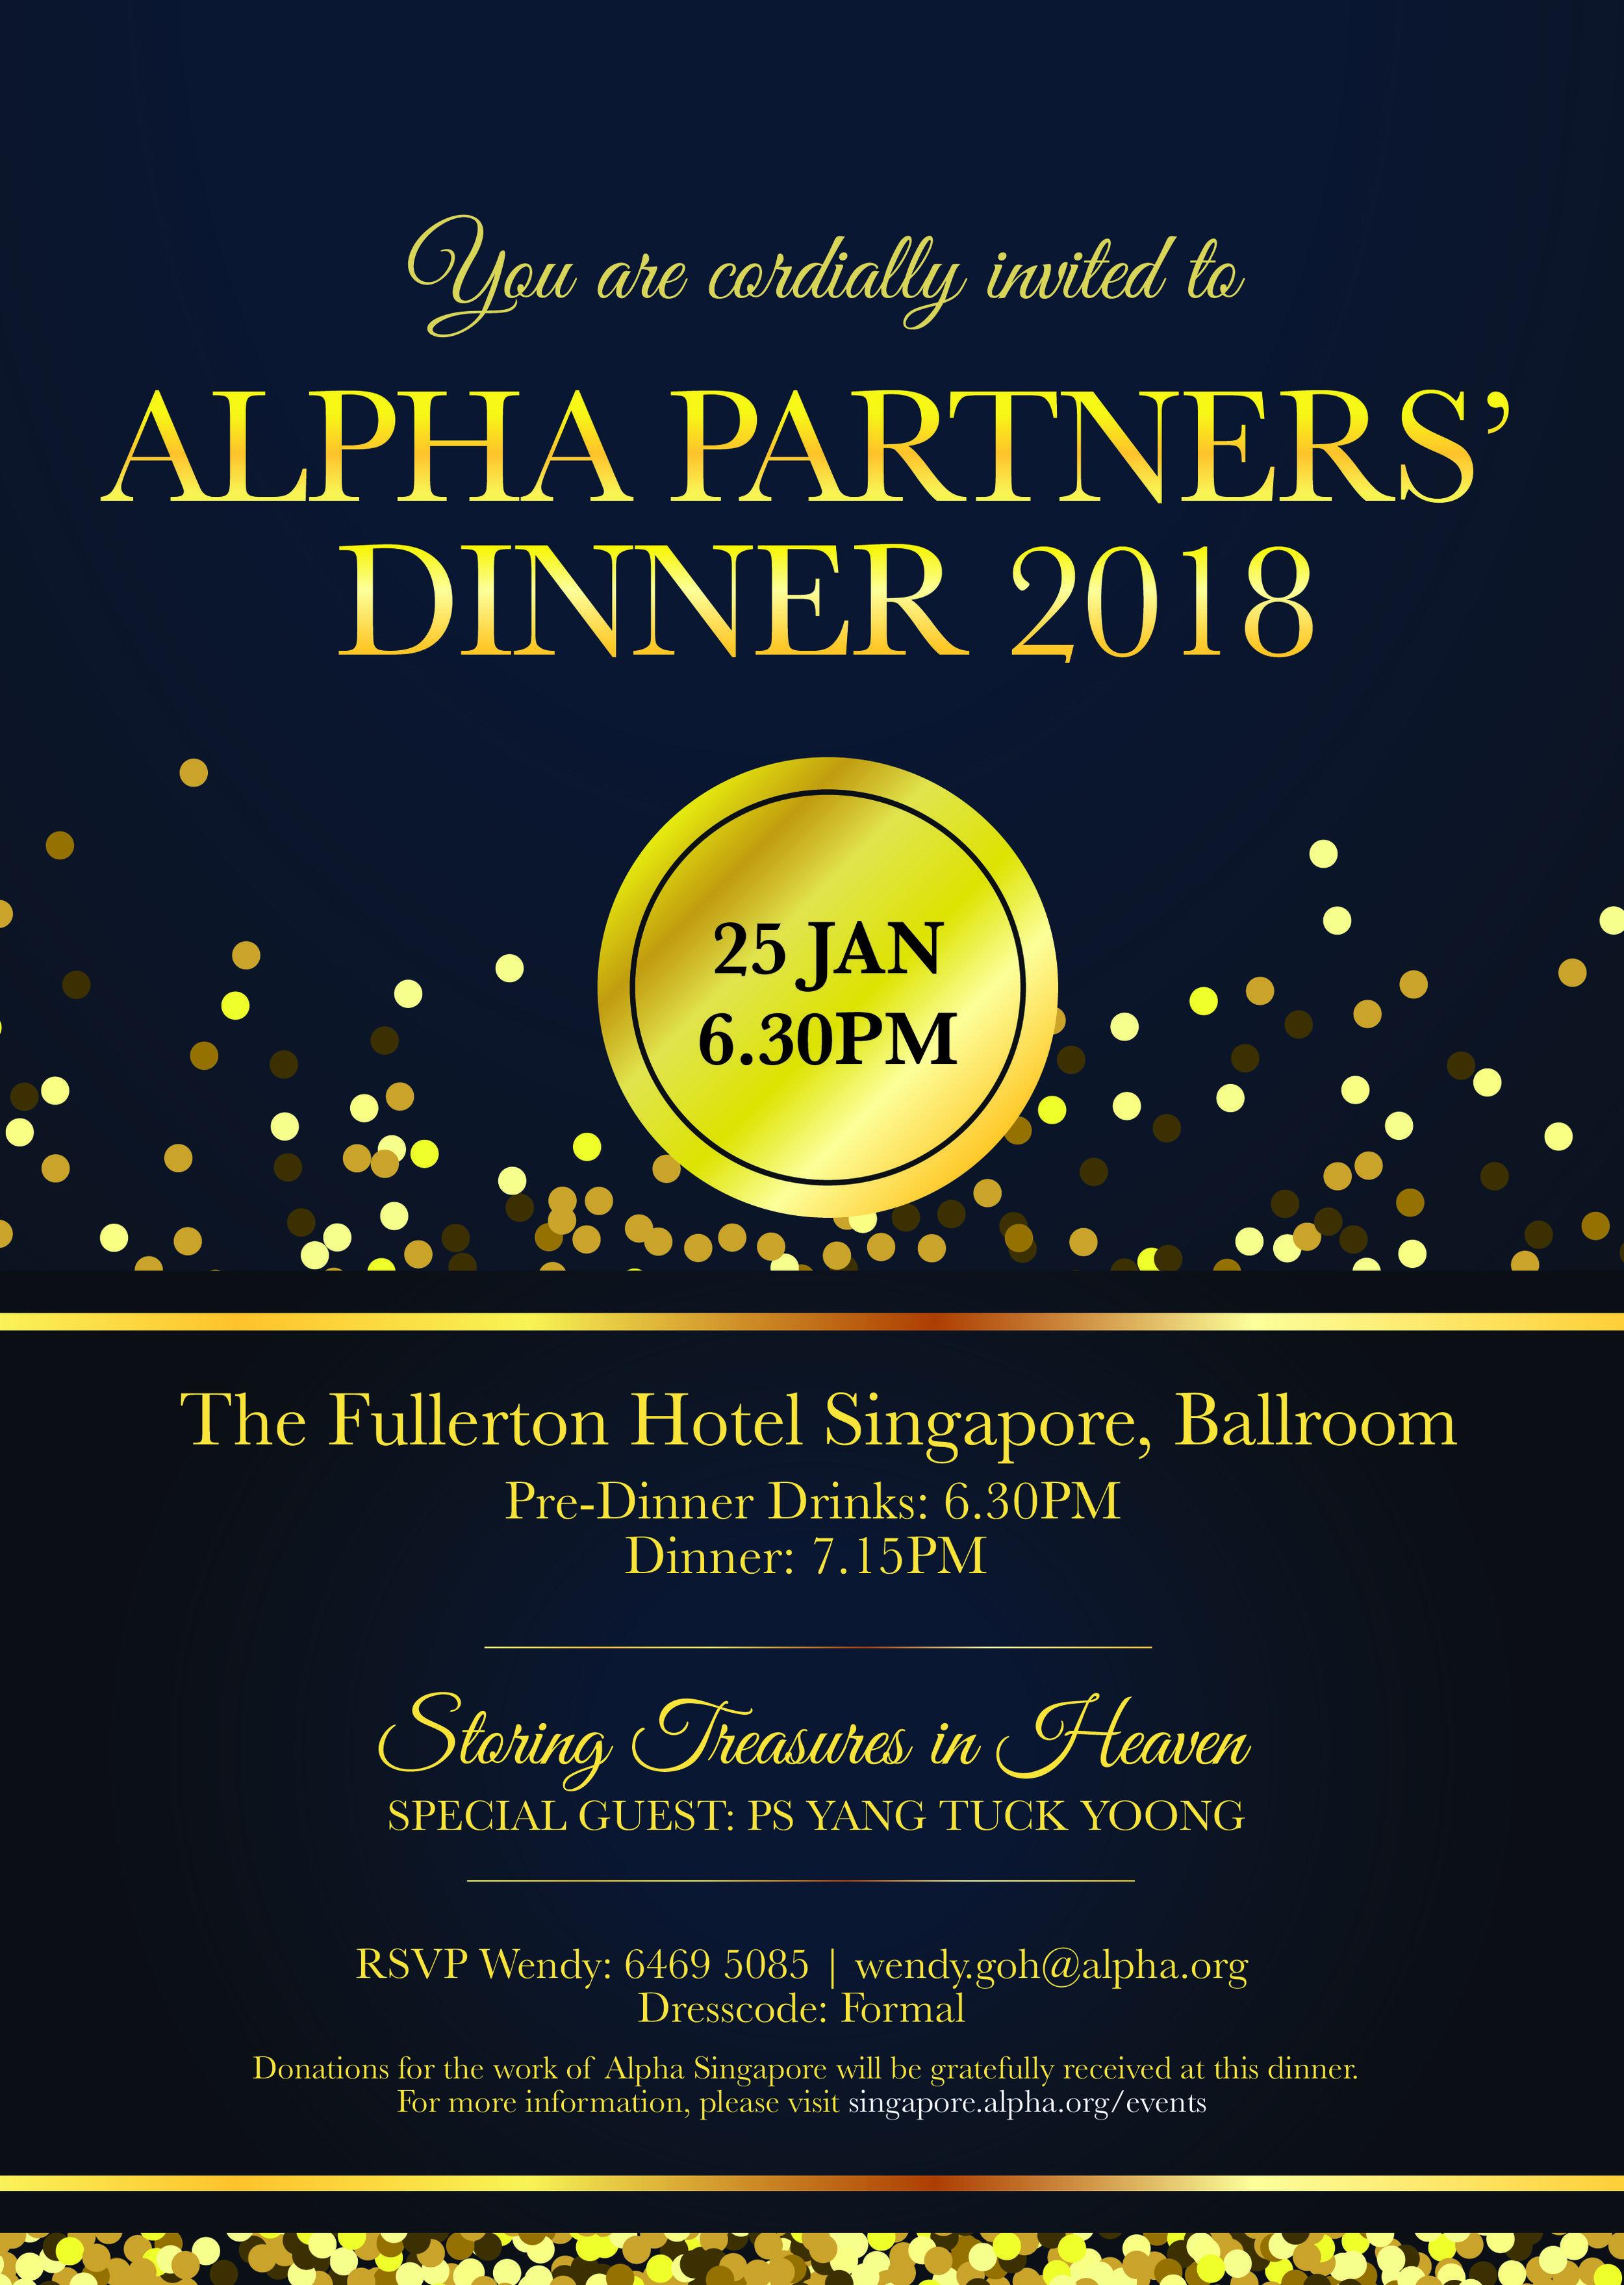 AlphaPartnersDinner2018_Invitation.jpg